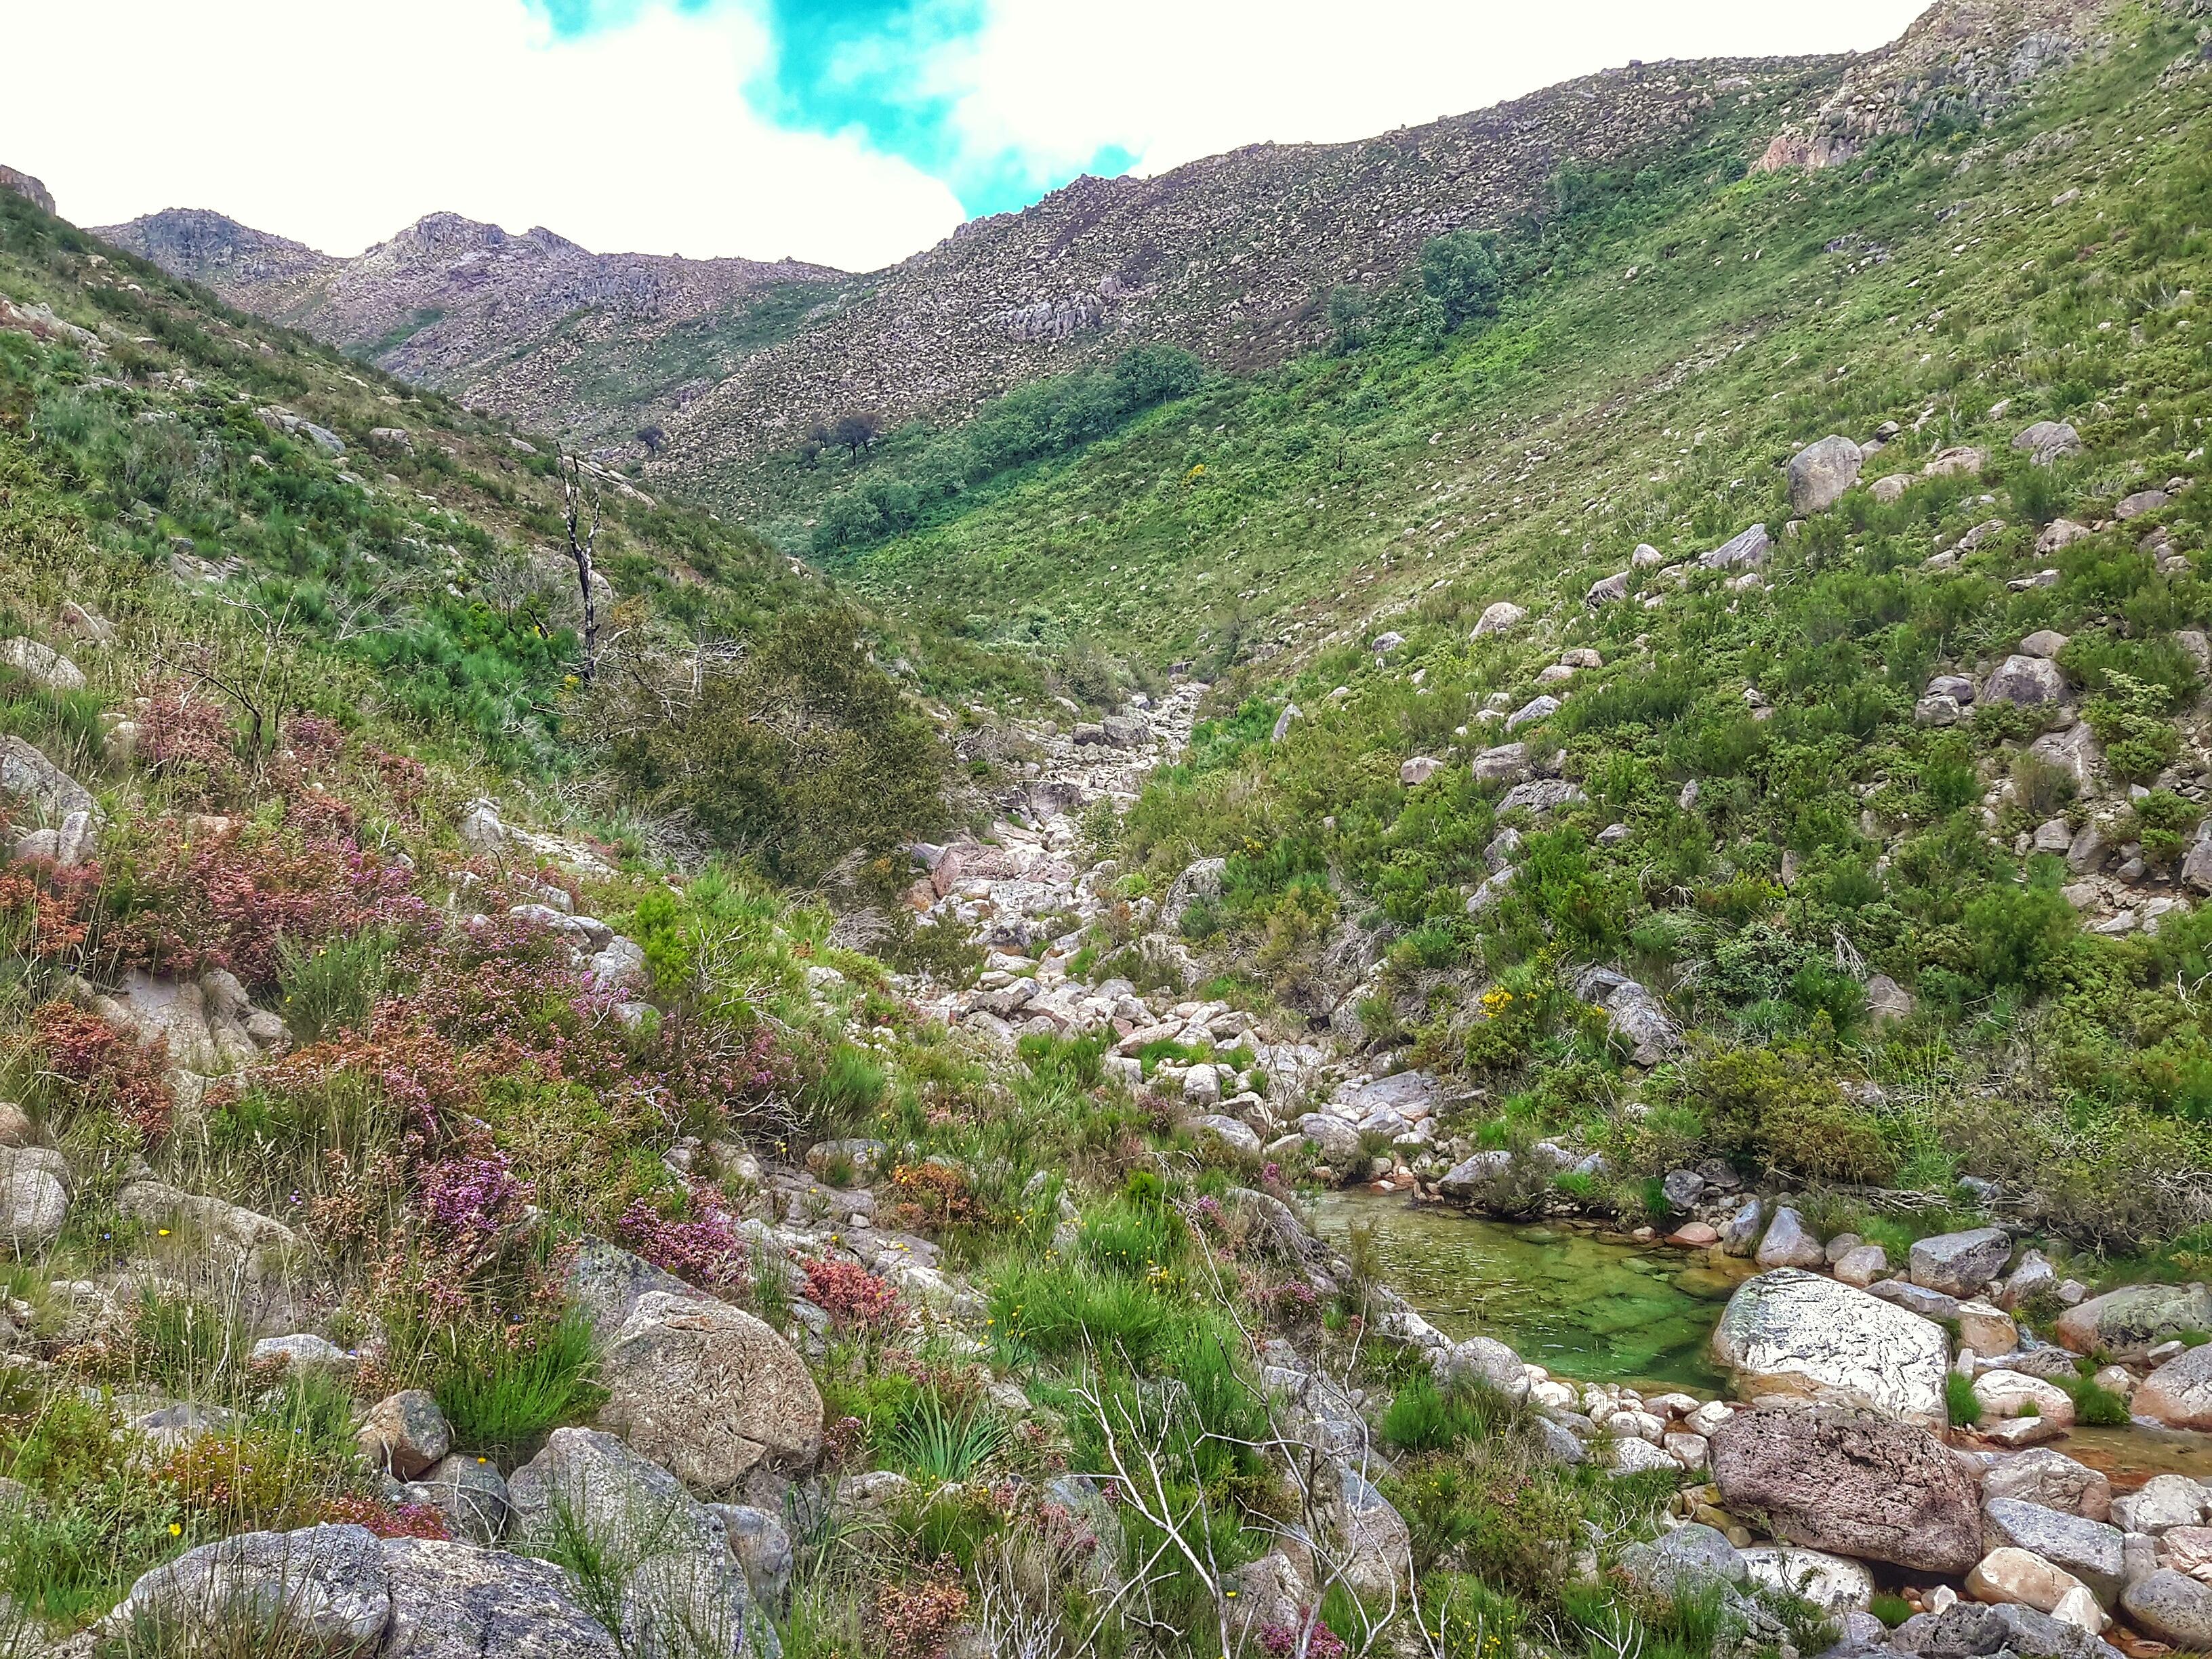 ecotourism, nature, Montalegre,Gerês